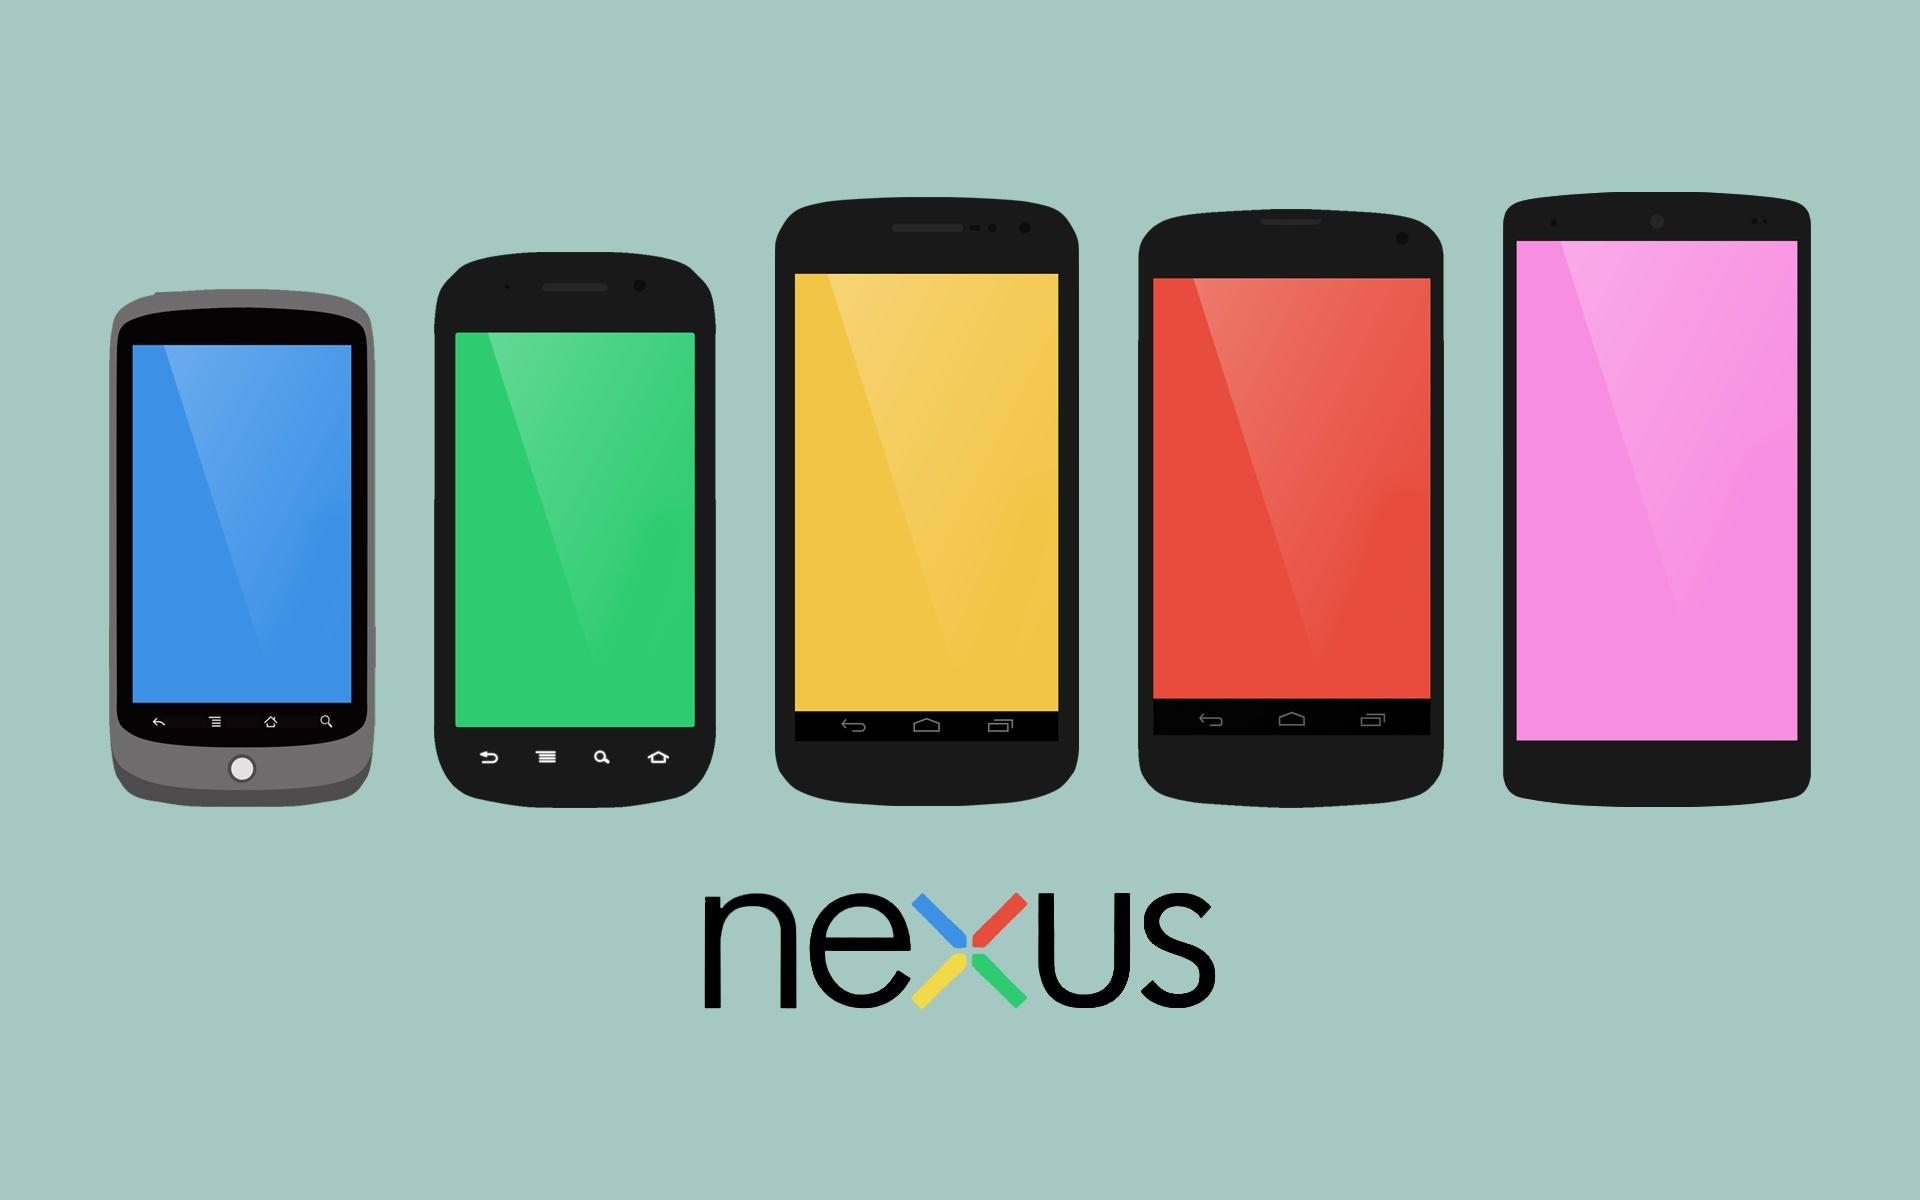 google-nexus-phones